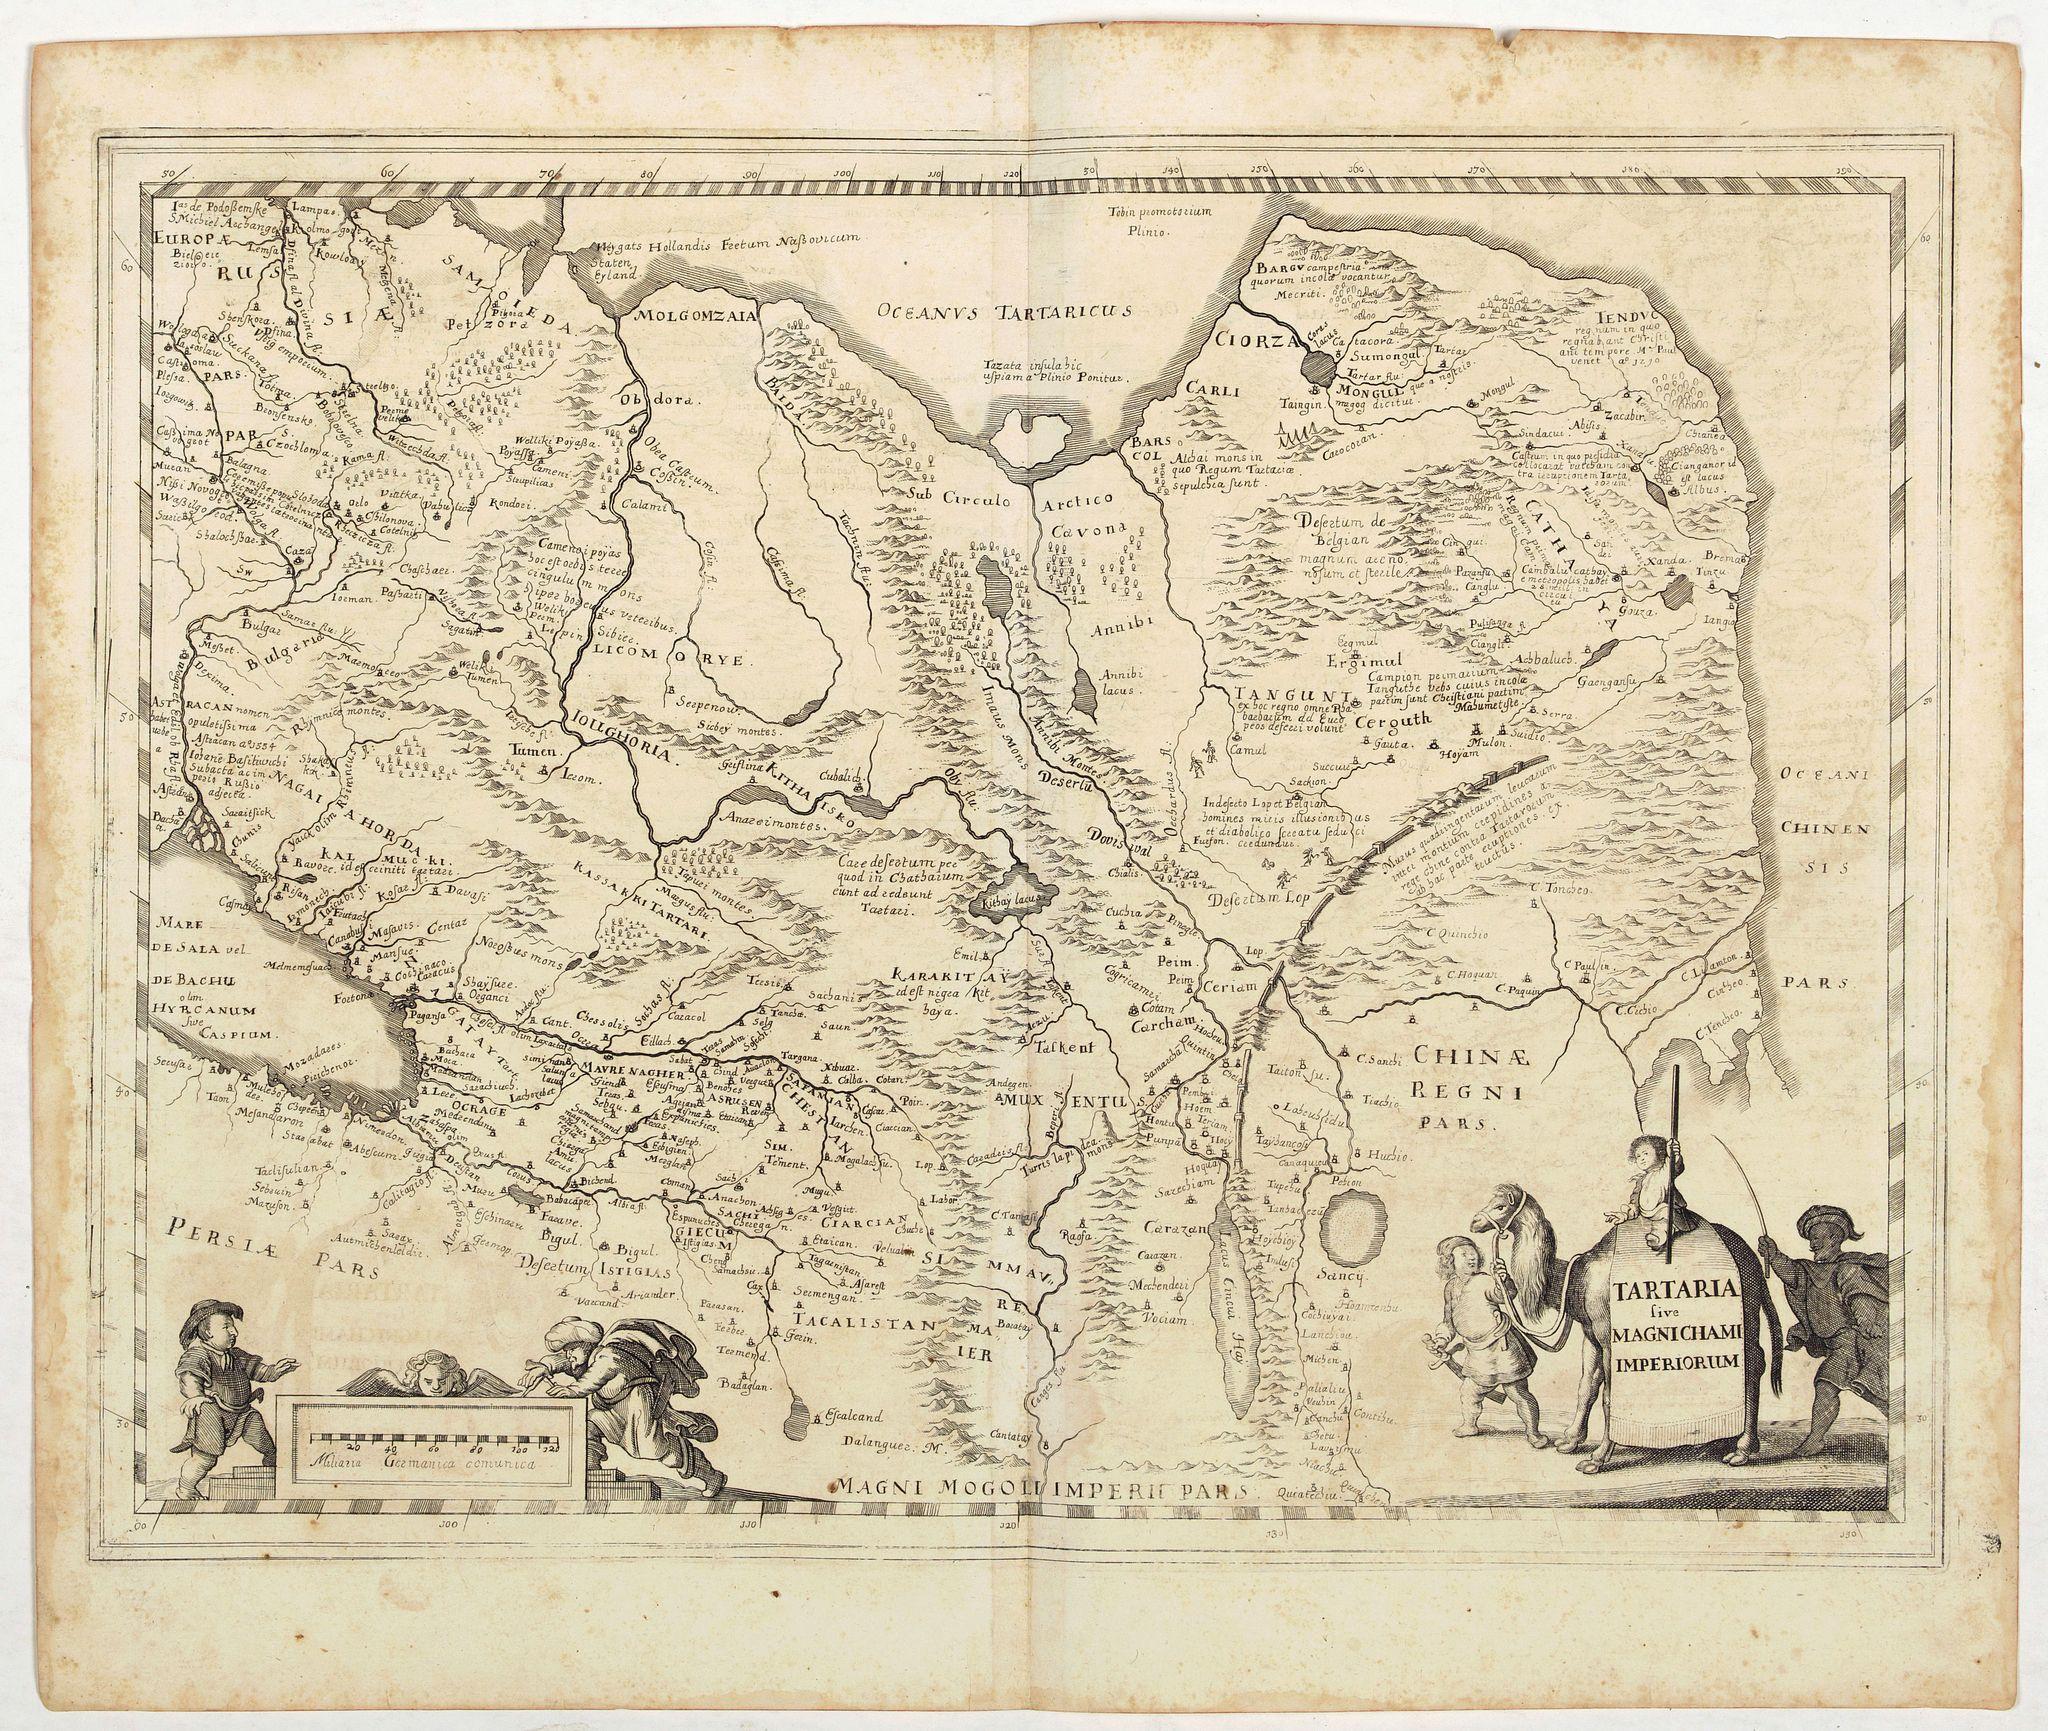 MERIAN, M. -  Tartaria sive Magnichami Imperiorum.